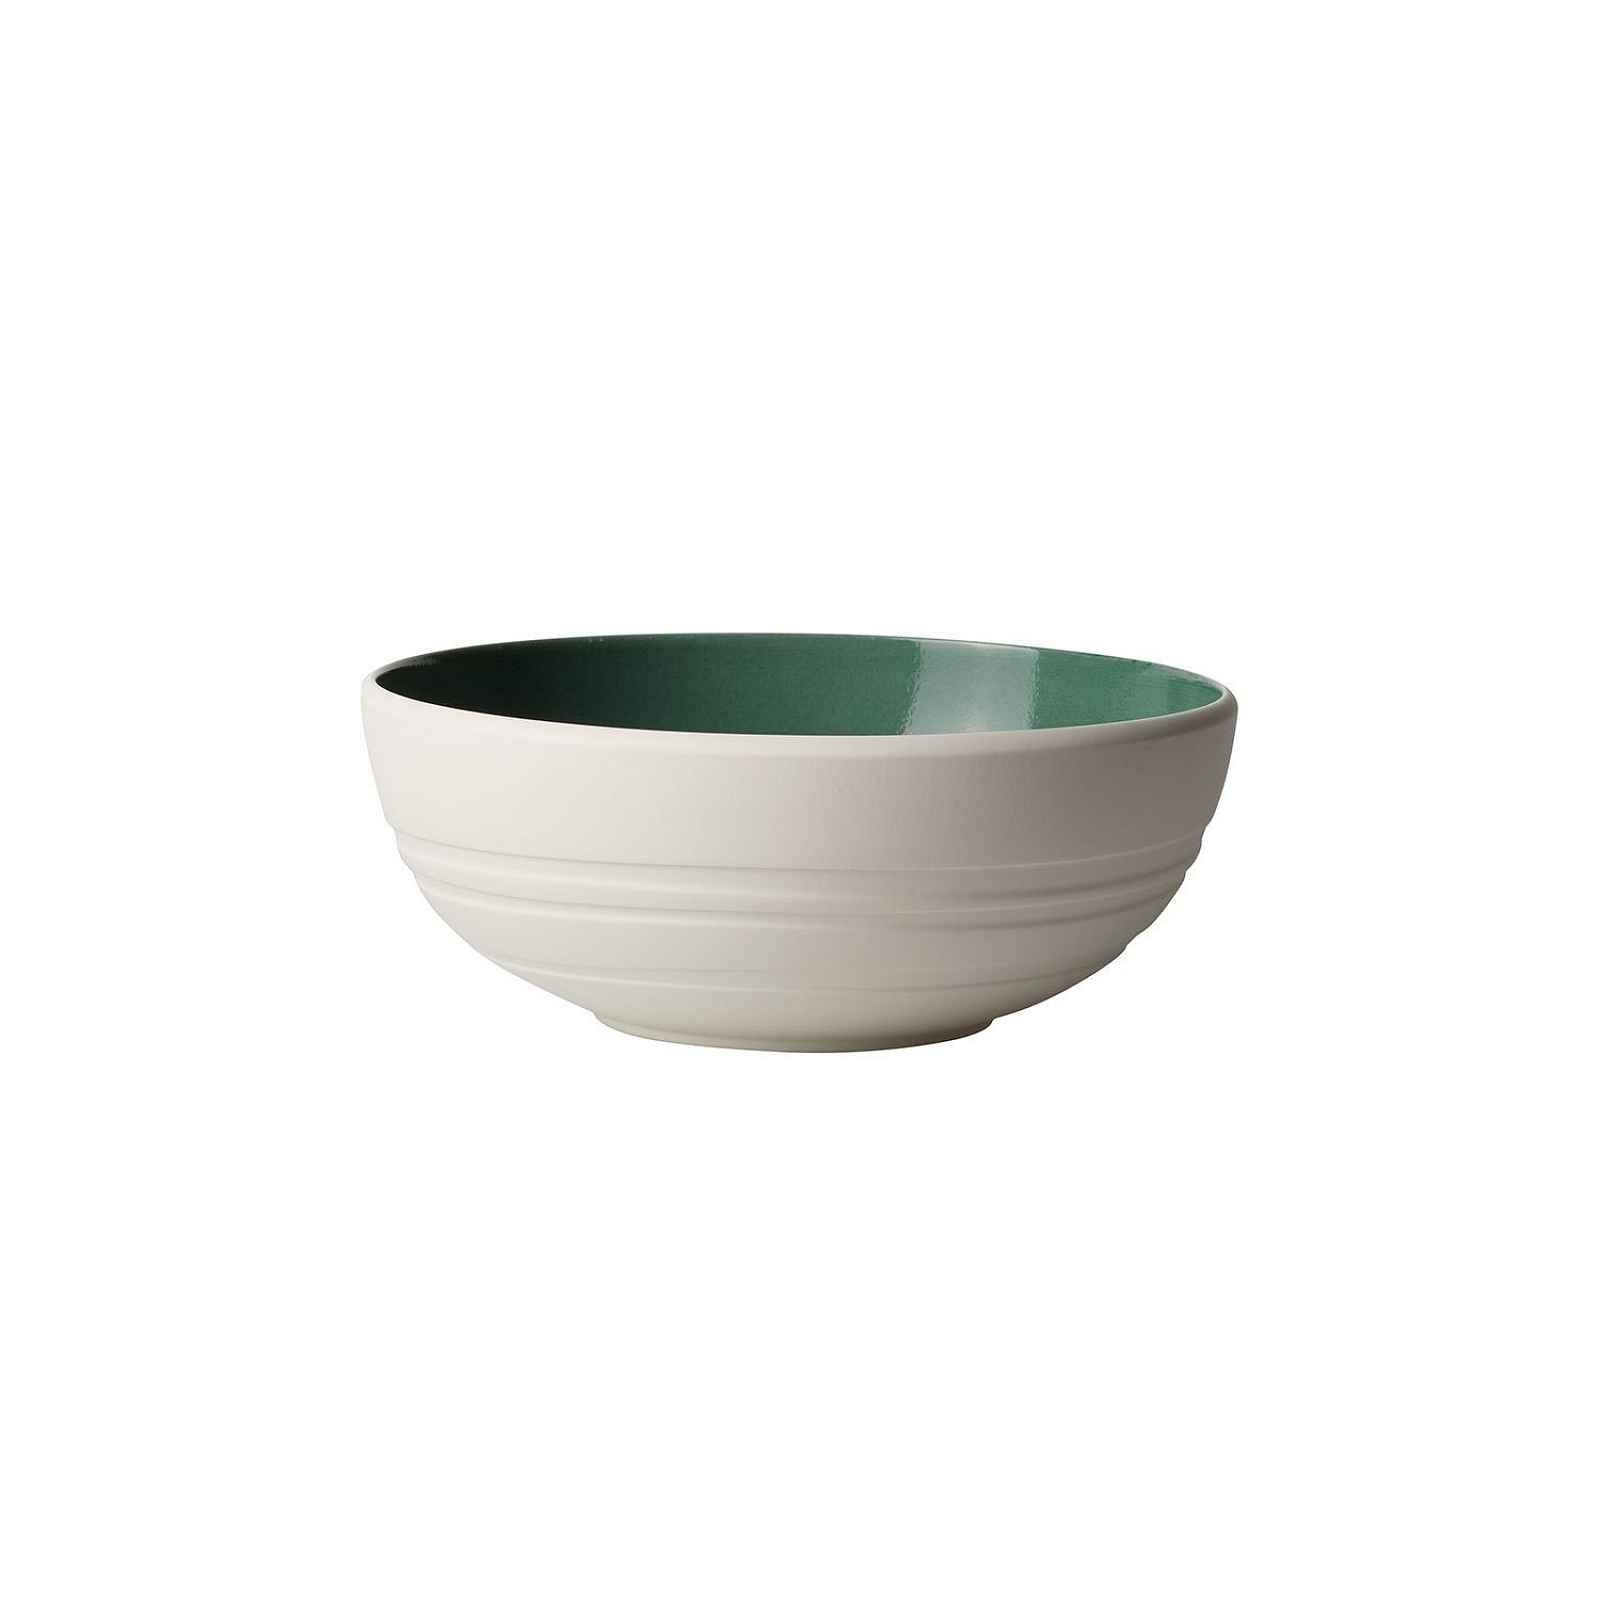 Bílo-zelená porcelánová miska Villeroy & Boch Leaf, 850 ml